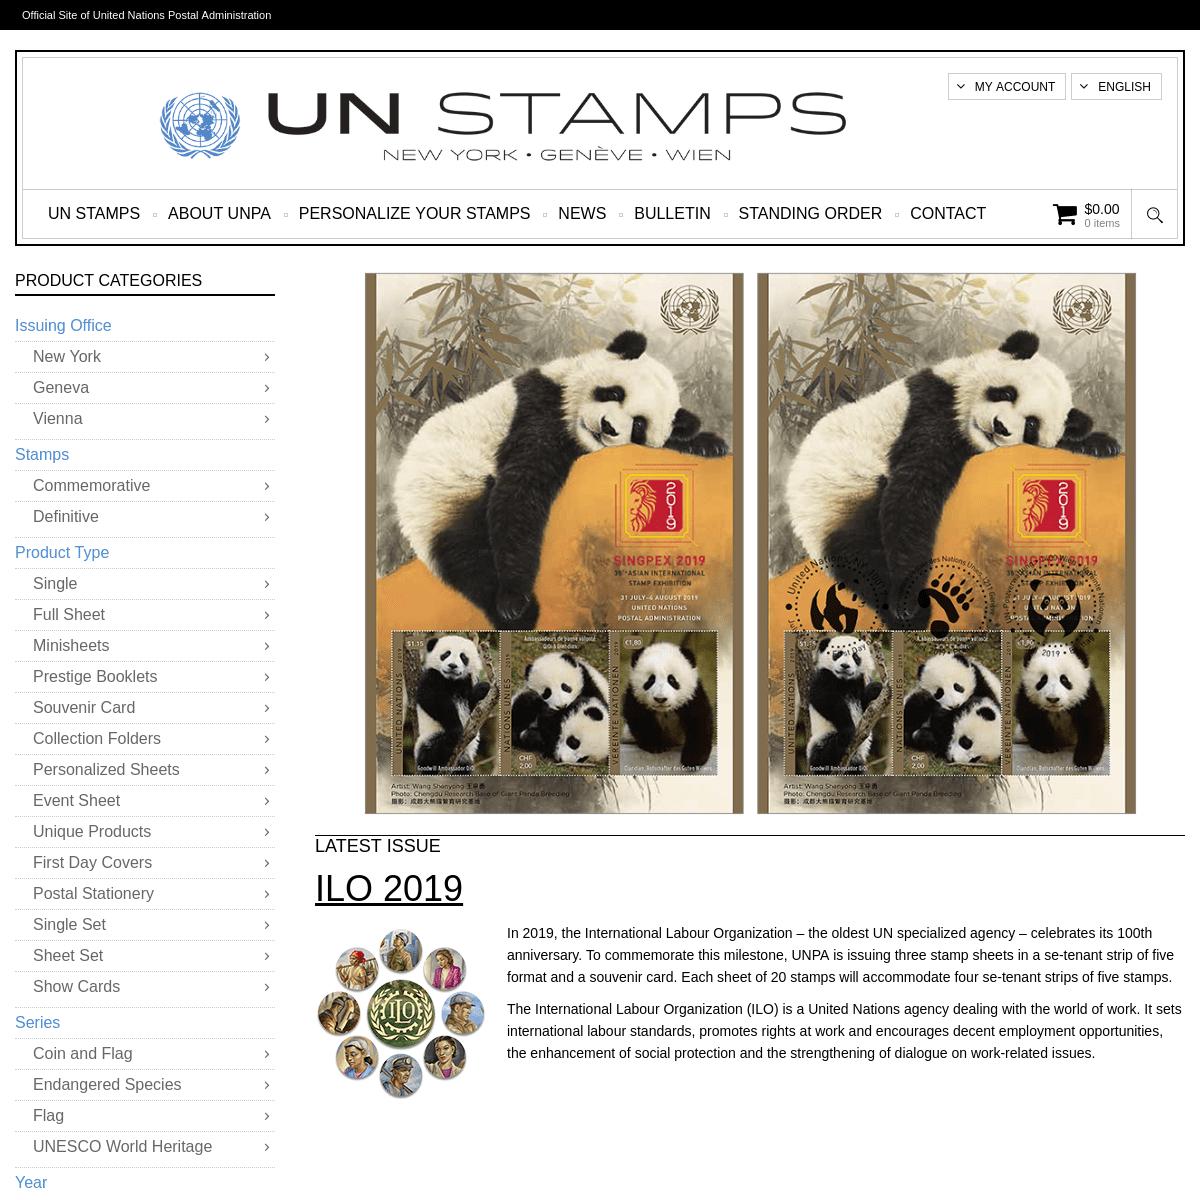 ArchiveBay.com - unstamps.org - UN Stamps - UN Stamps